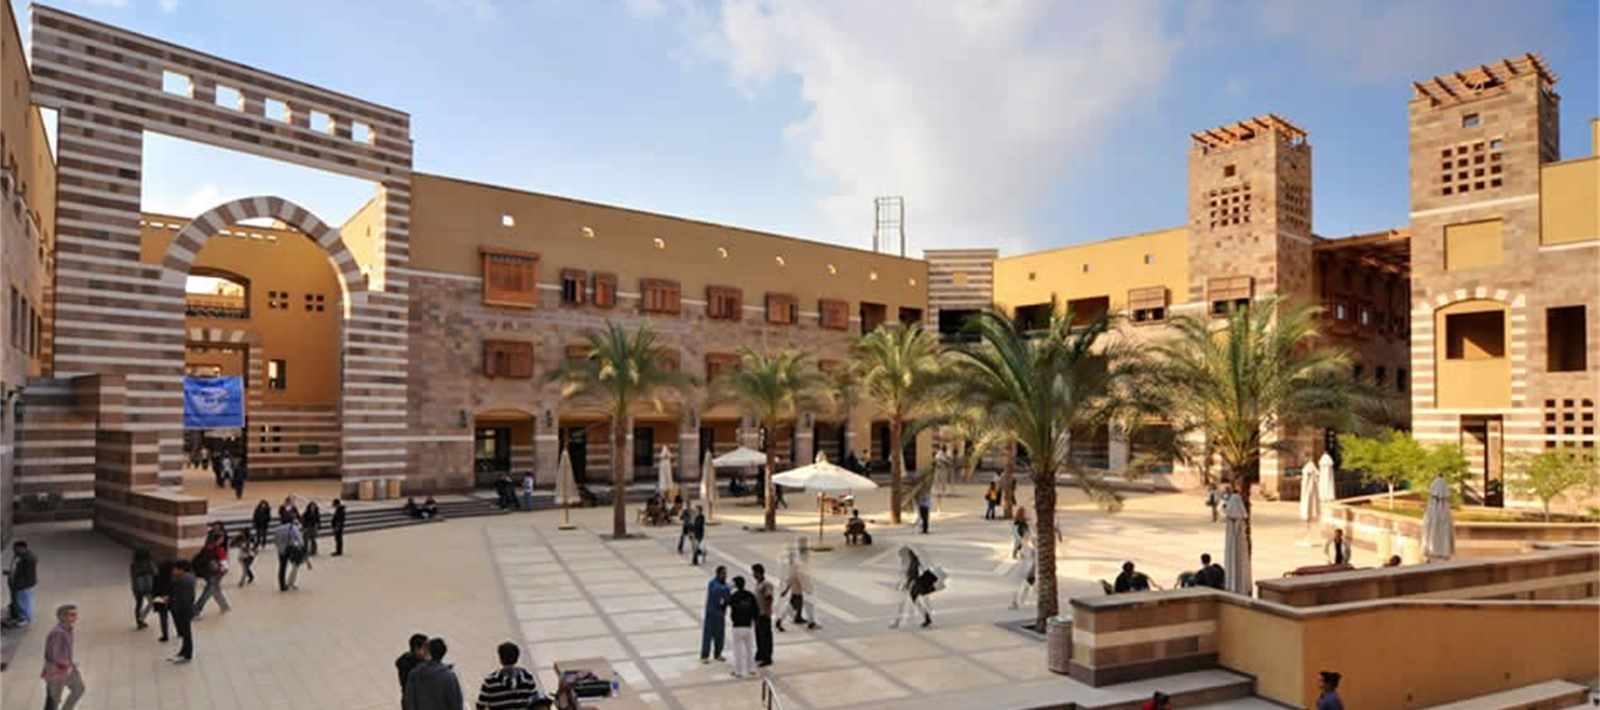 فرصة التقديم منحة OC-AUC الممولة بالكامل لدراسة البكالوريوس في الجامعة الأمريكية بالقاهرة 2021-2022